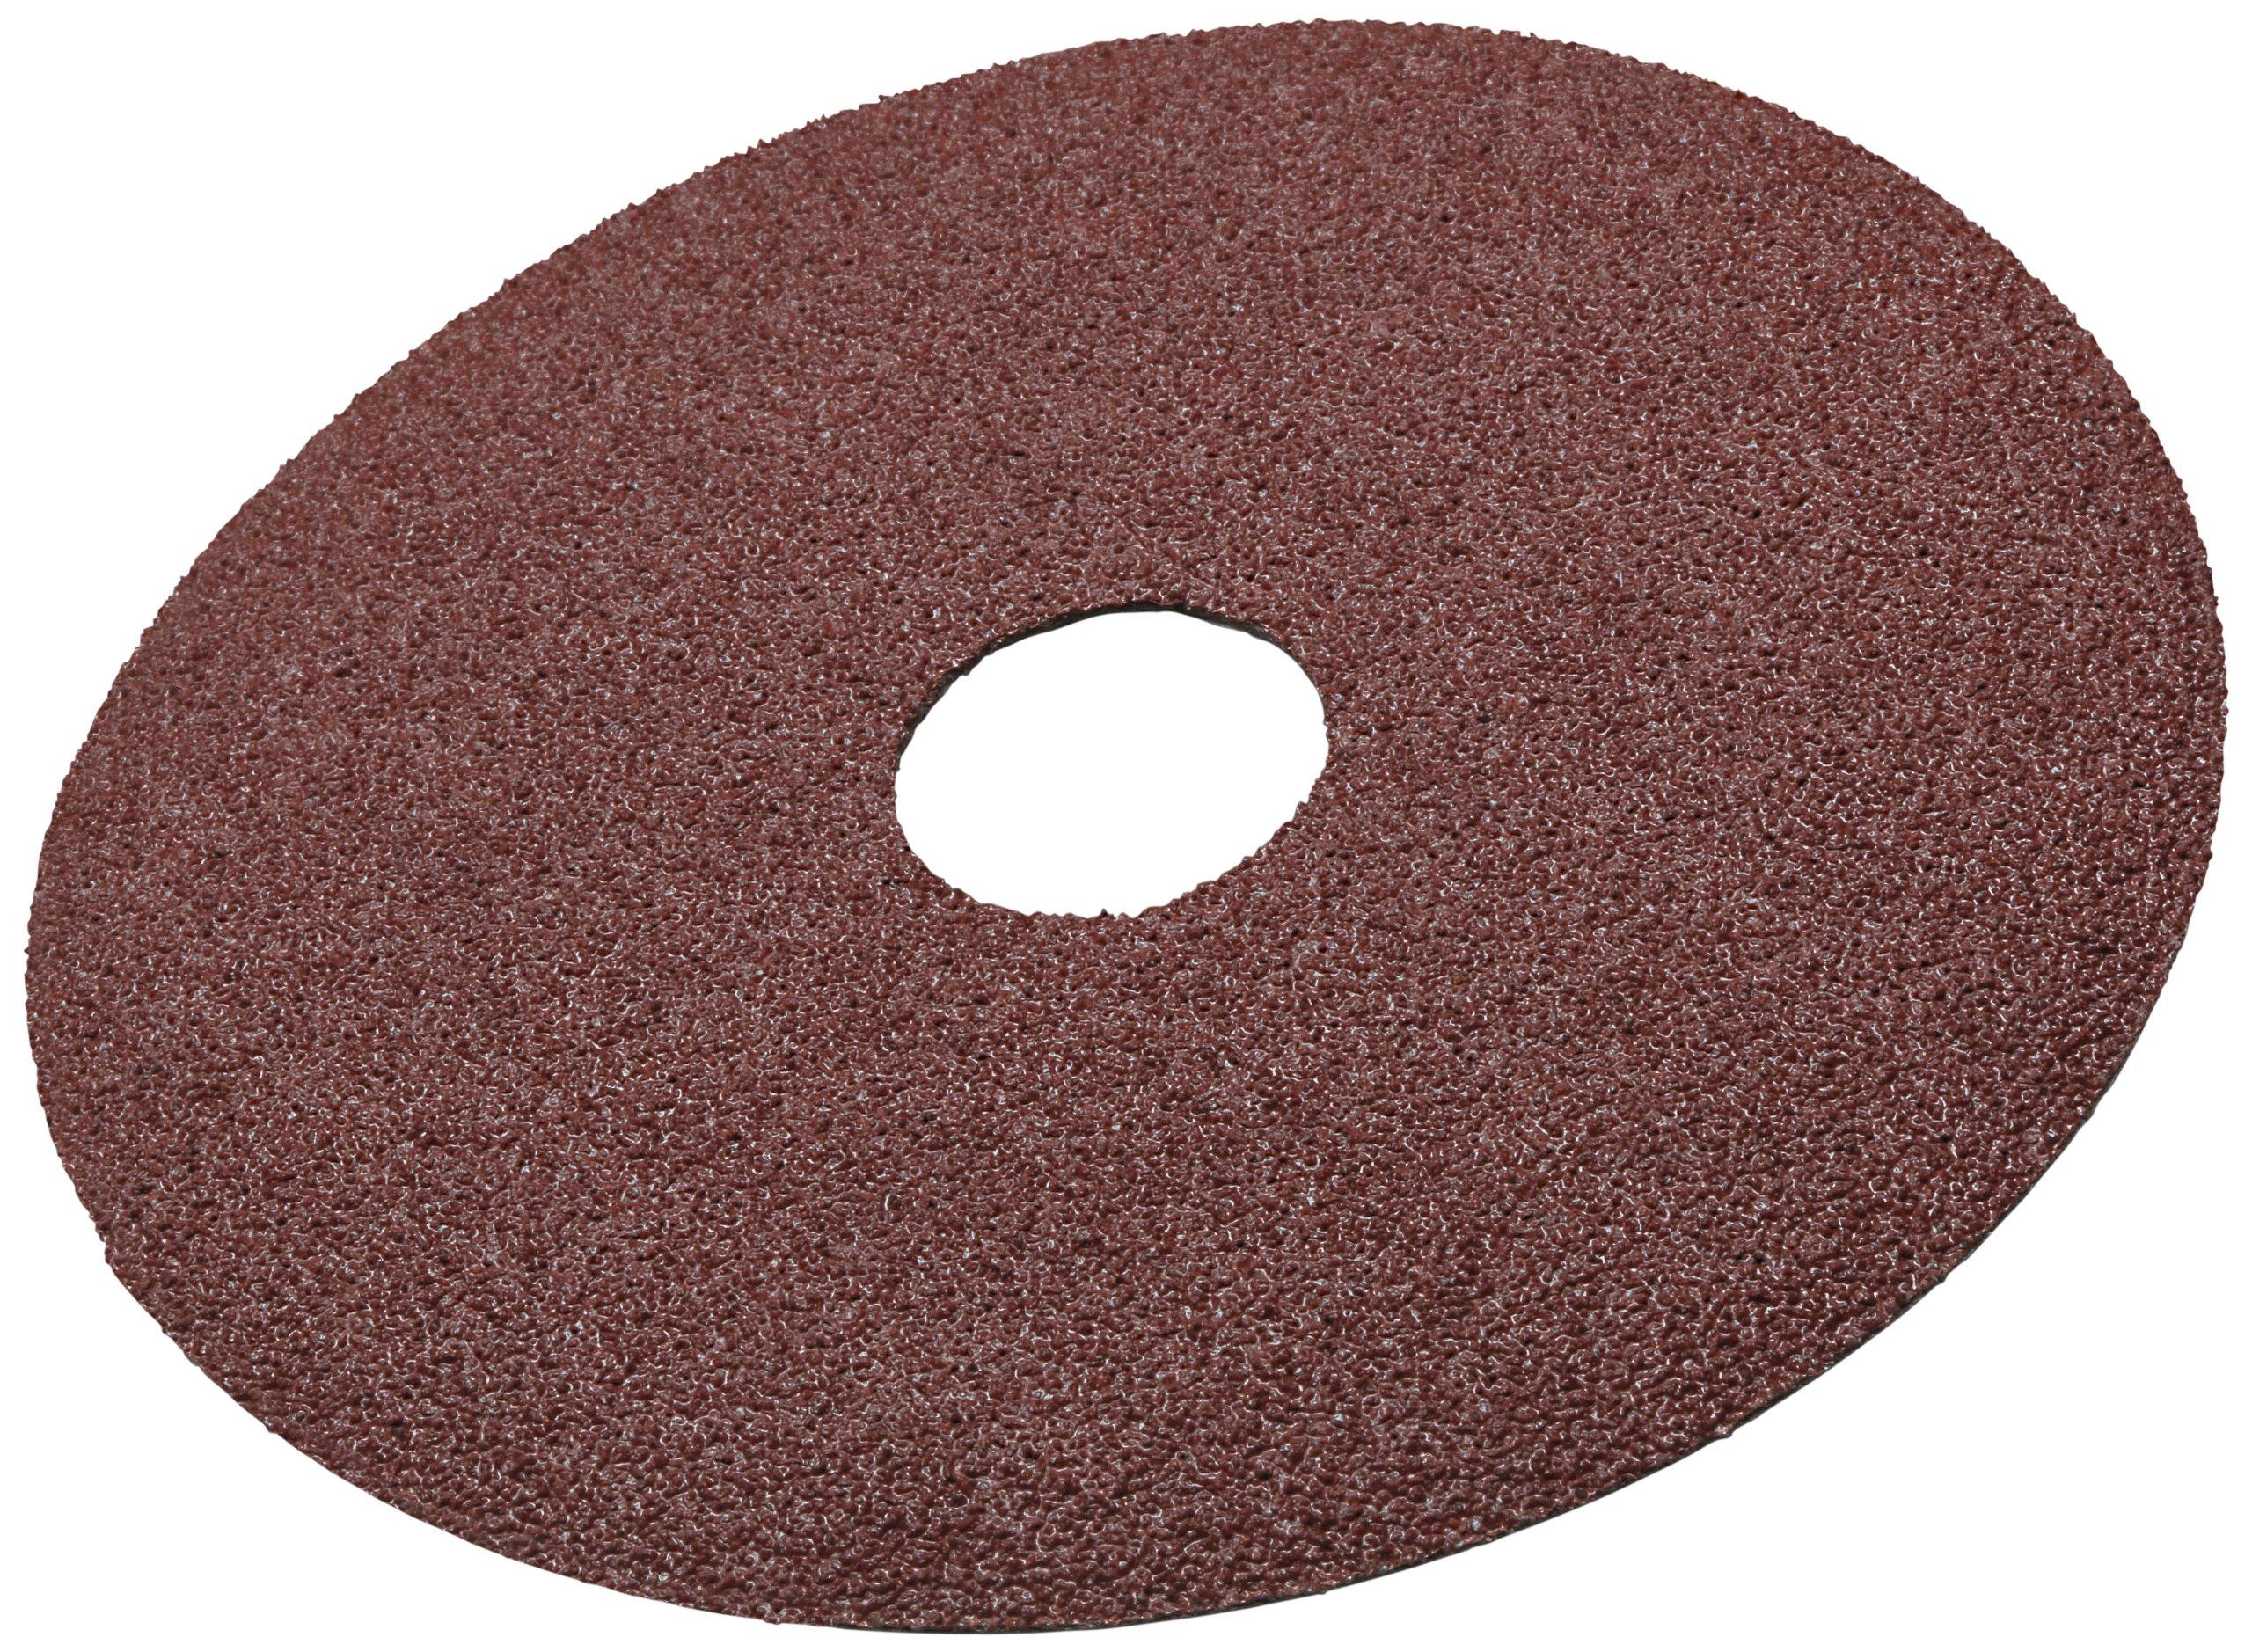 3M Fibre Disc 381C, Aluminum Oxide, 4'' Diameter, 50 Grit (Pack of 25)